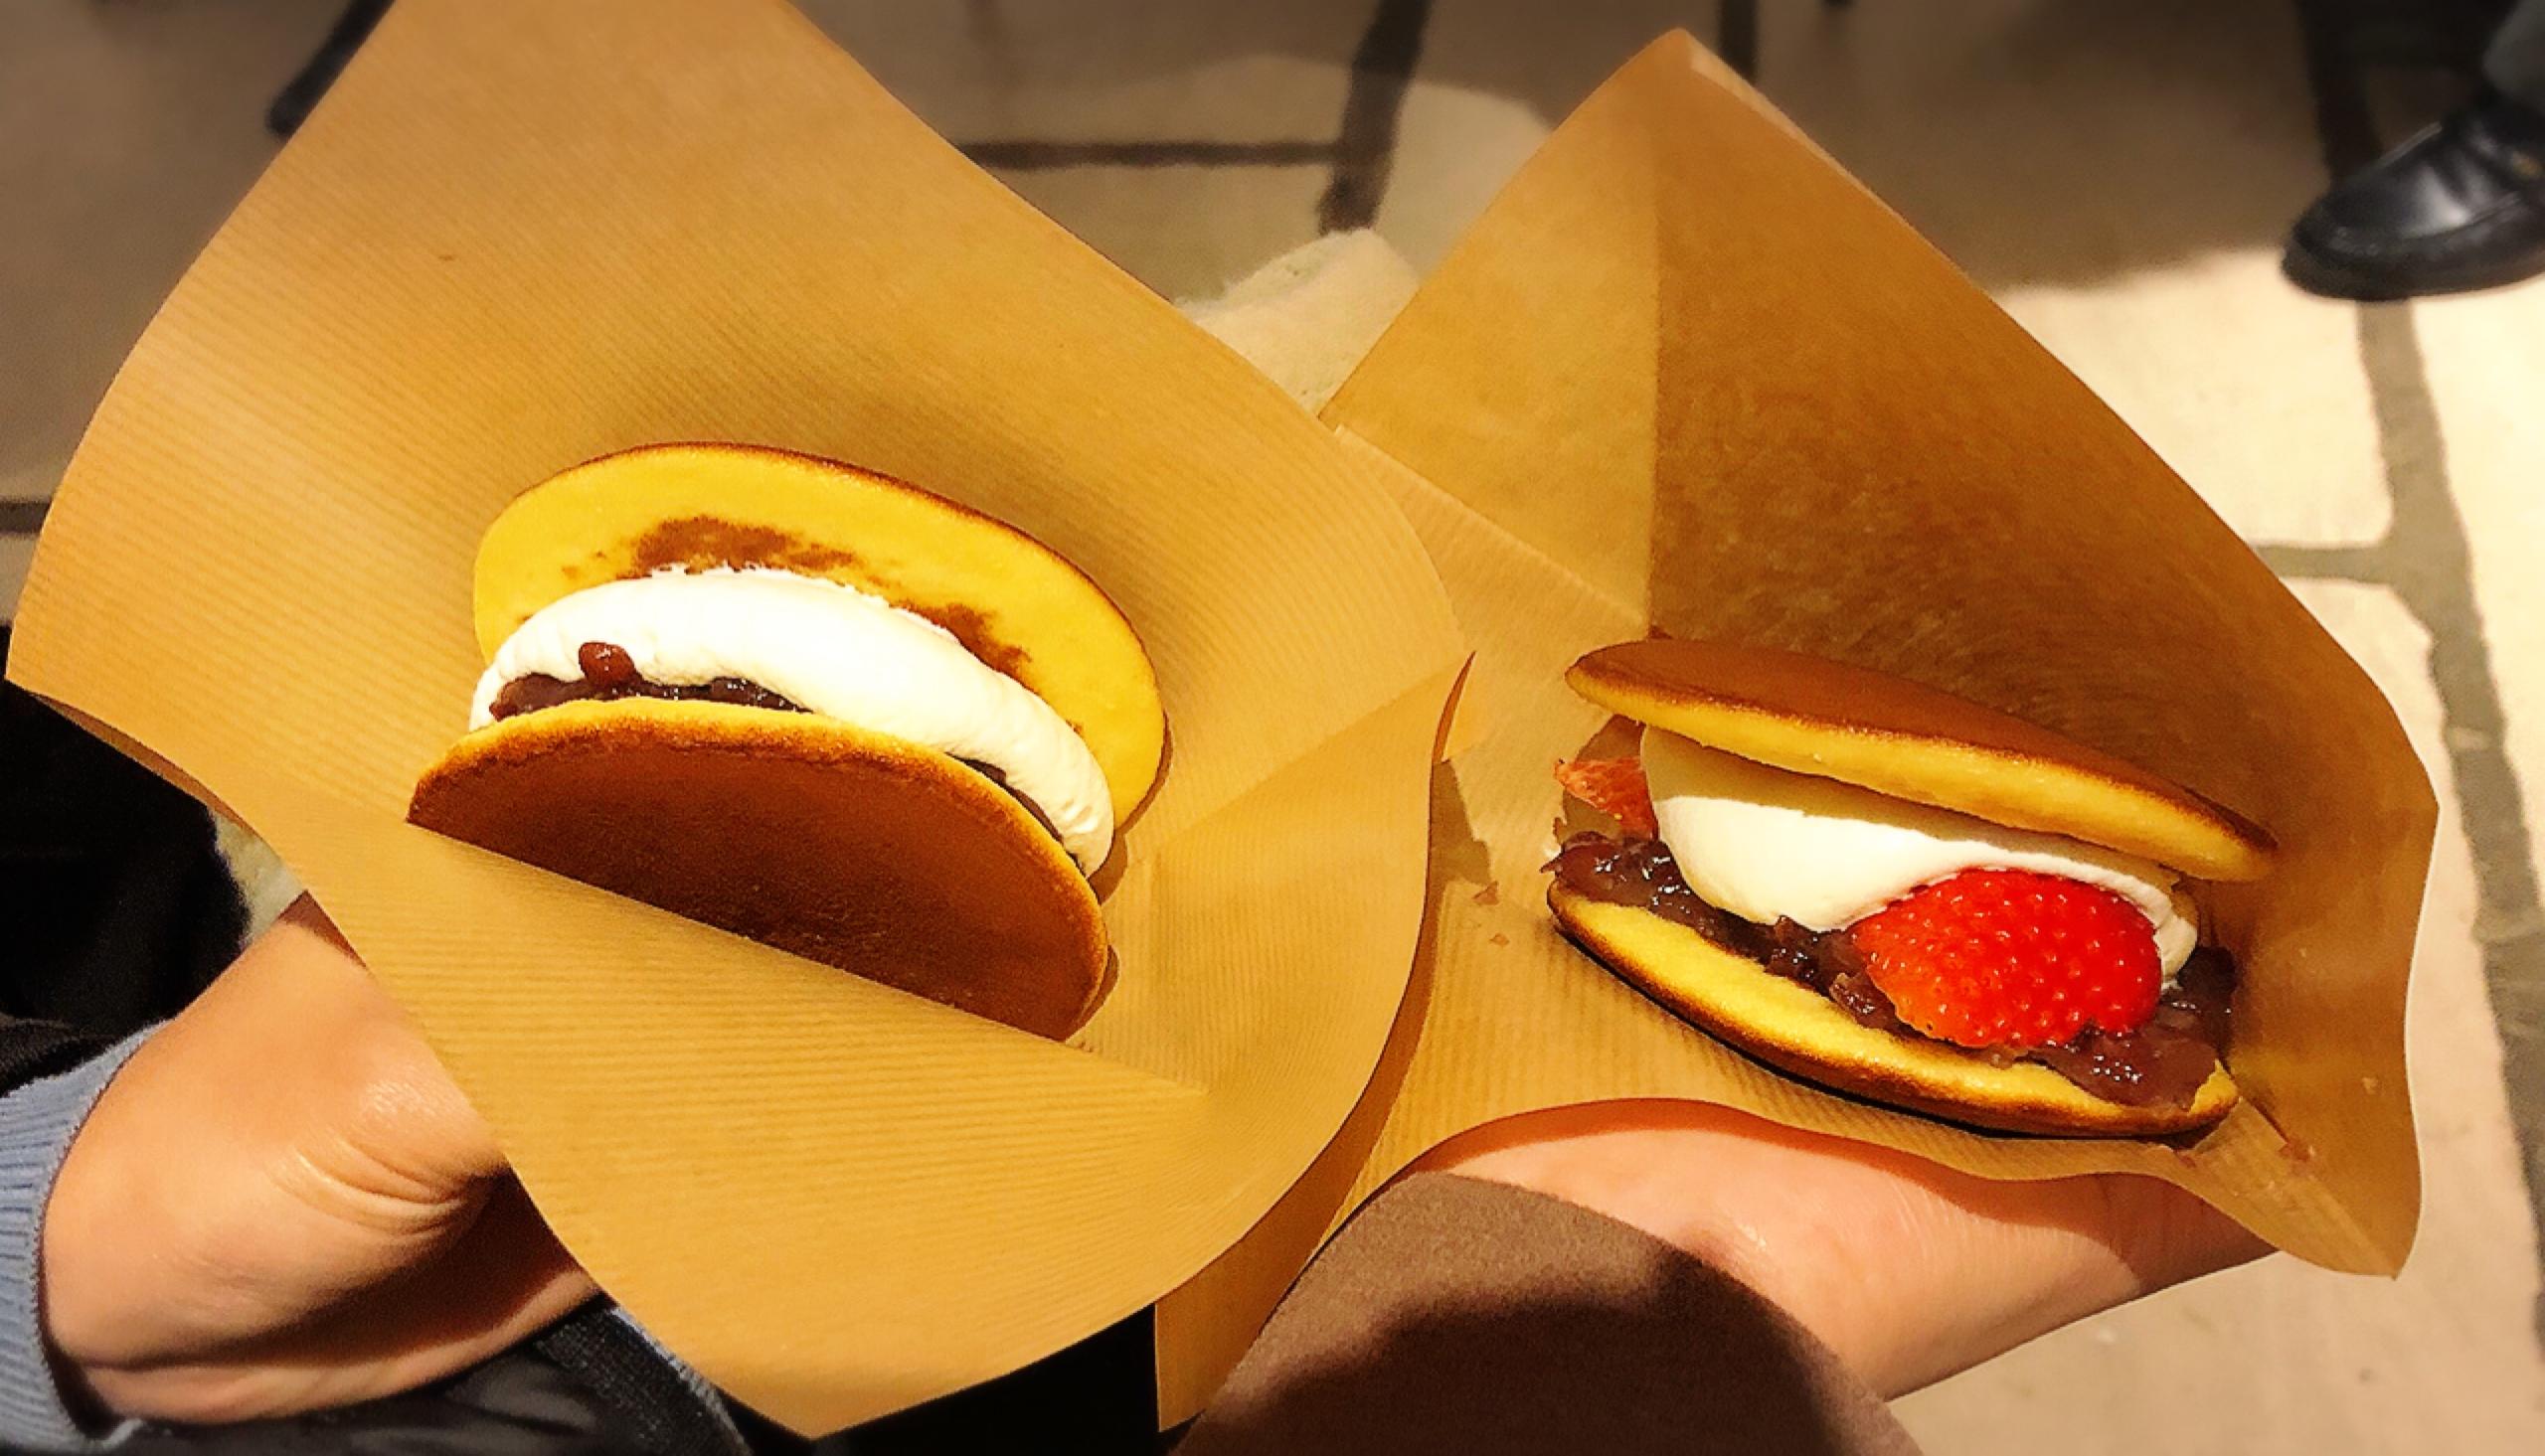 【クラブハリエ】#滋賀県 ふんわり生どら焼きが美味!可愛いバームクーヘン型ポーチの中にはパイが(*´꒳`*)_3